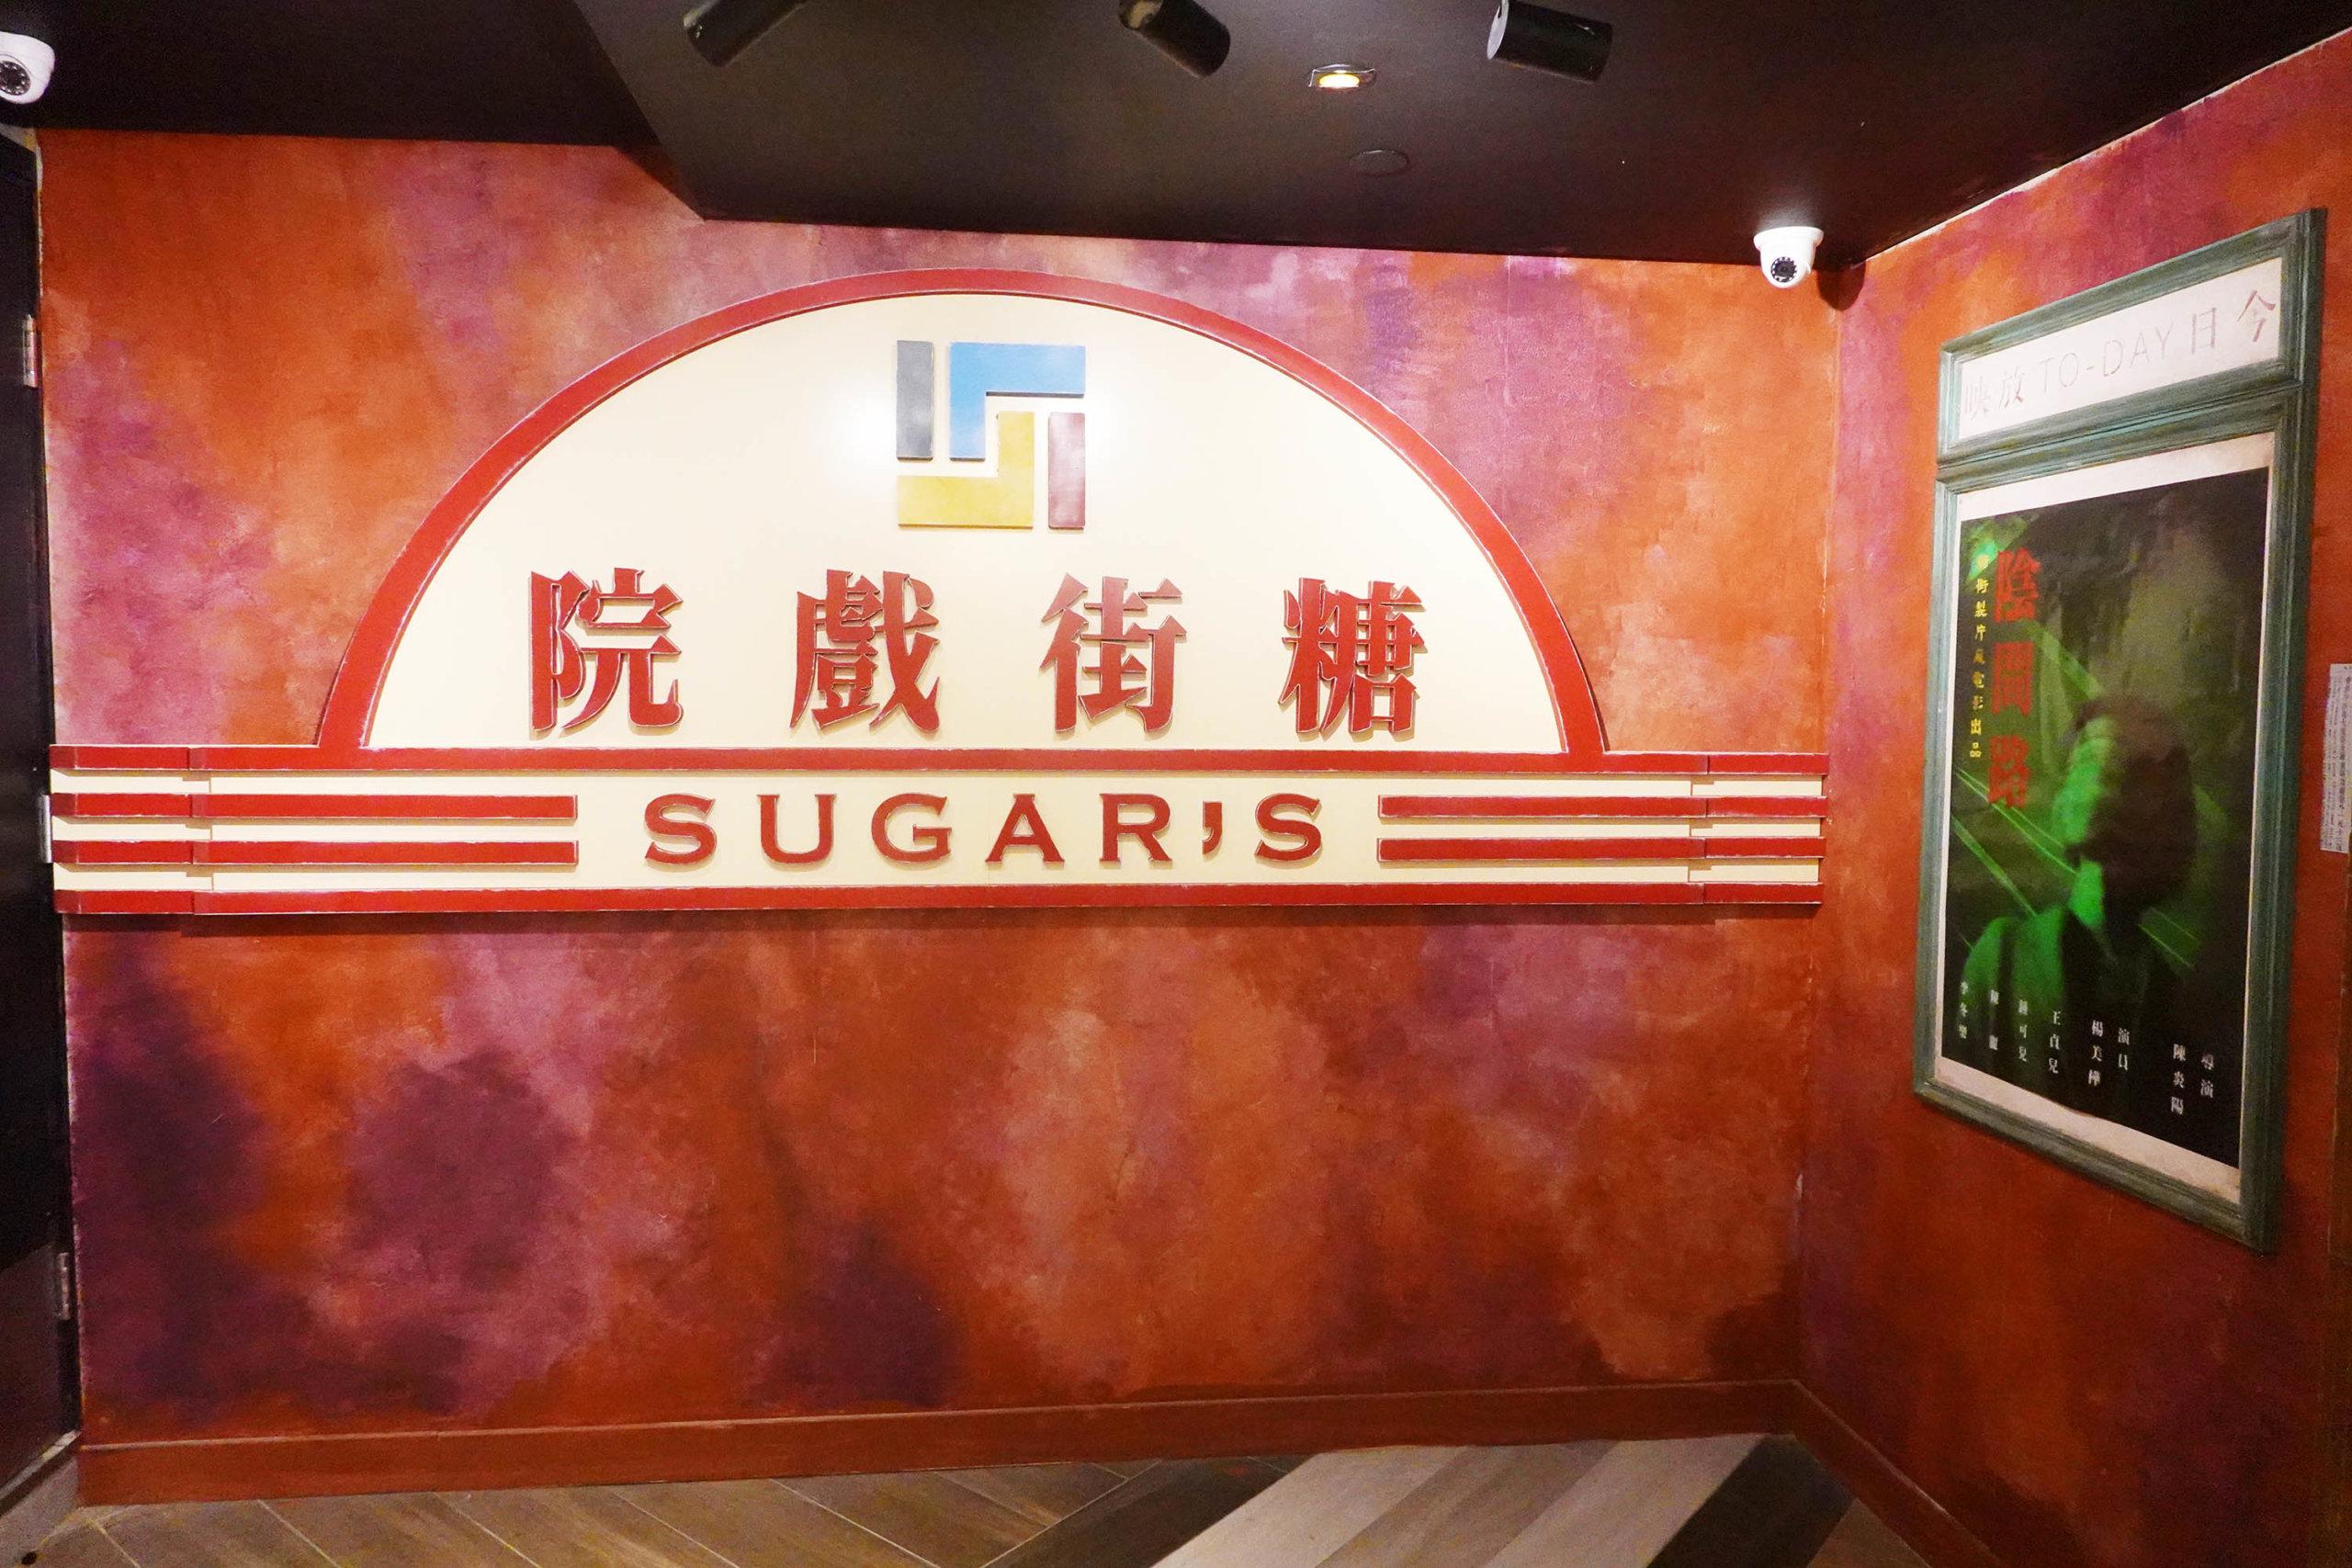 「糖街戲院」係《糖街製片廠》嘅拍攝場景,而家保留起來,比遊人打卡之用。